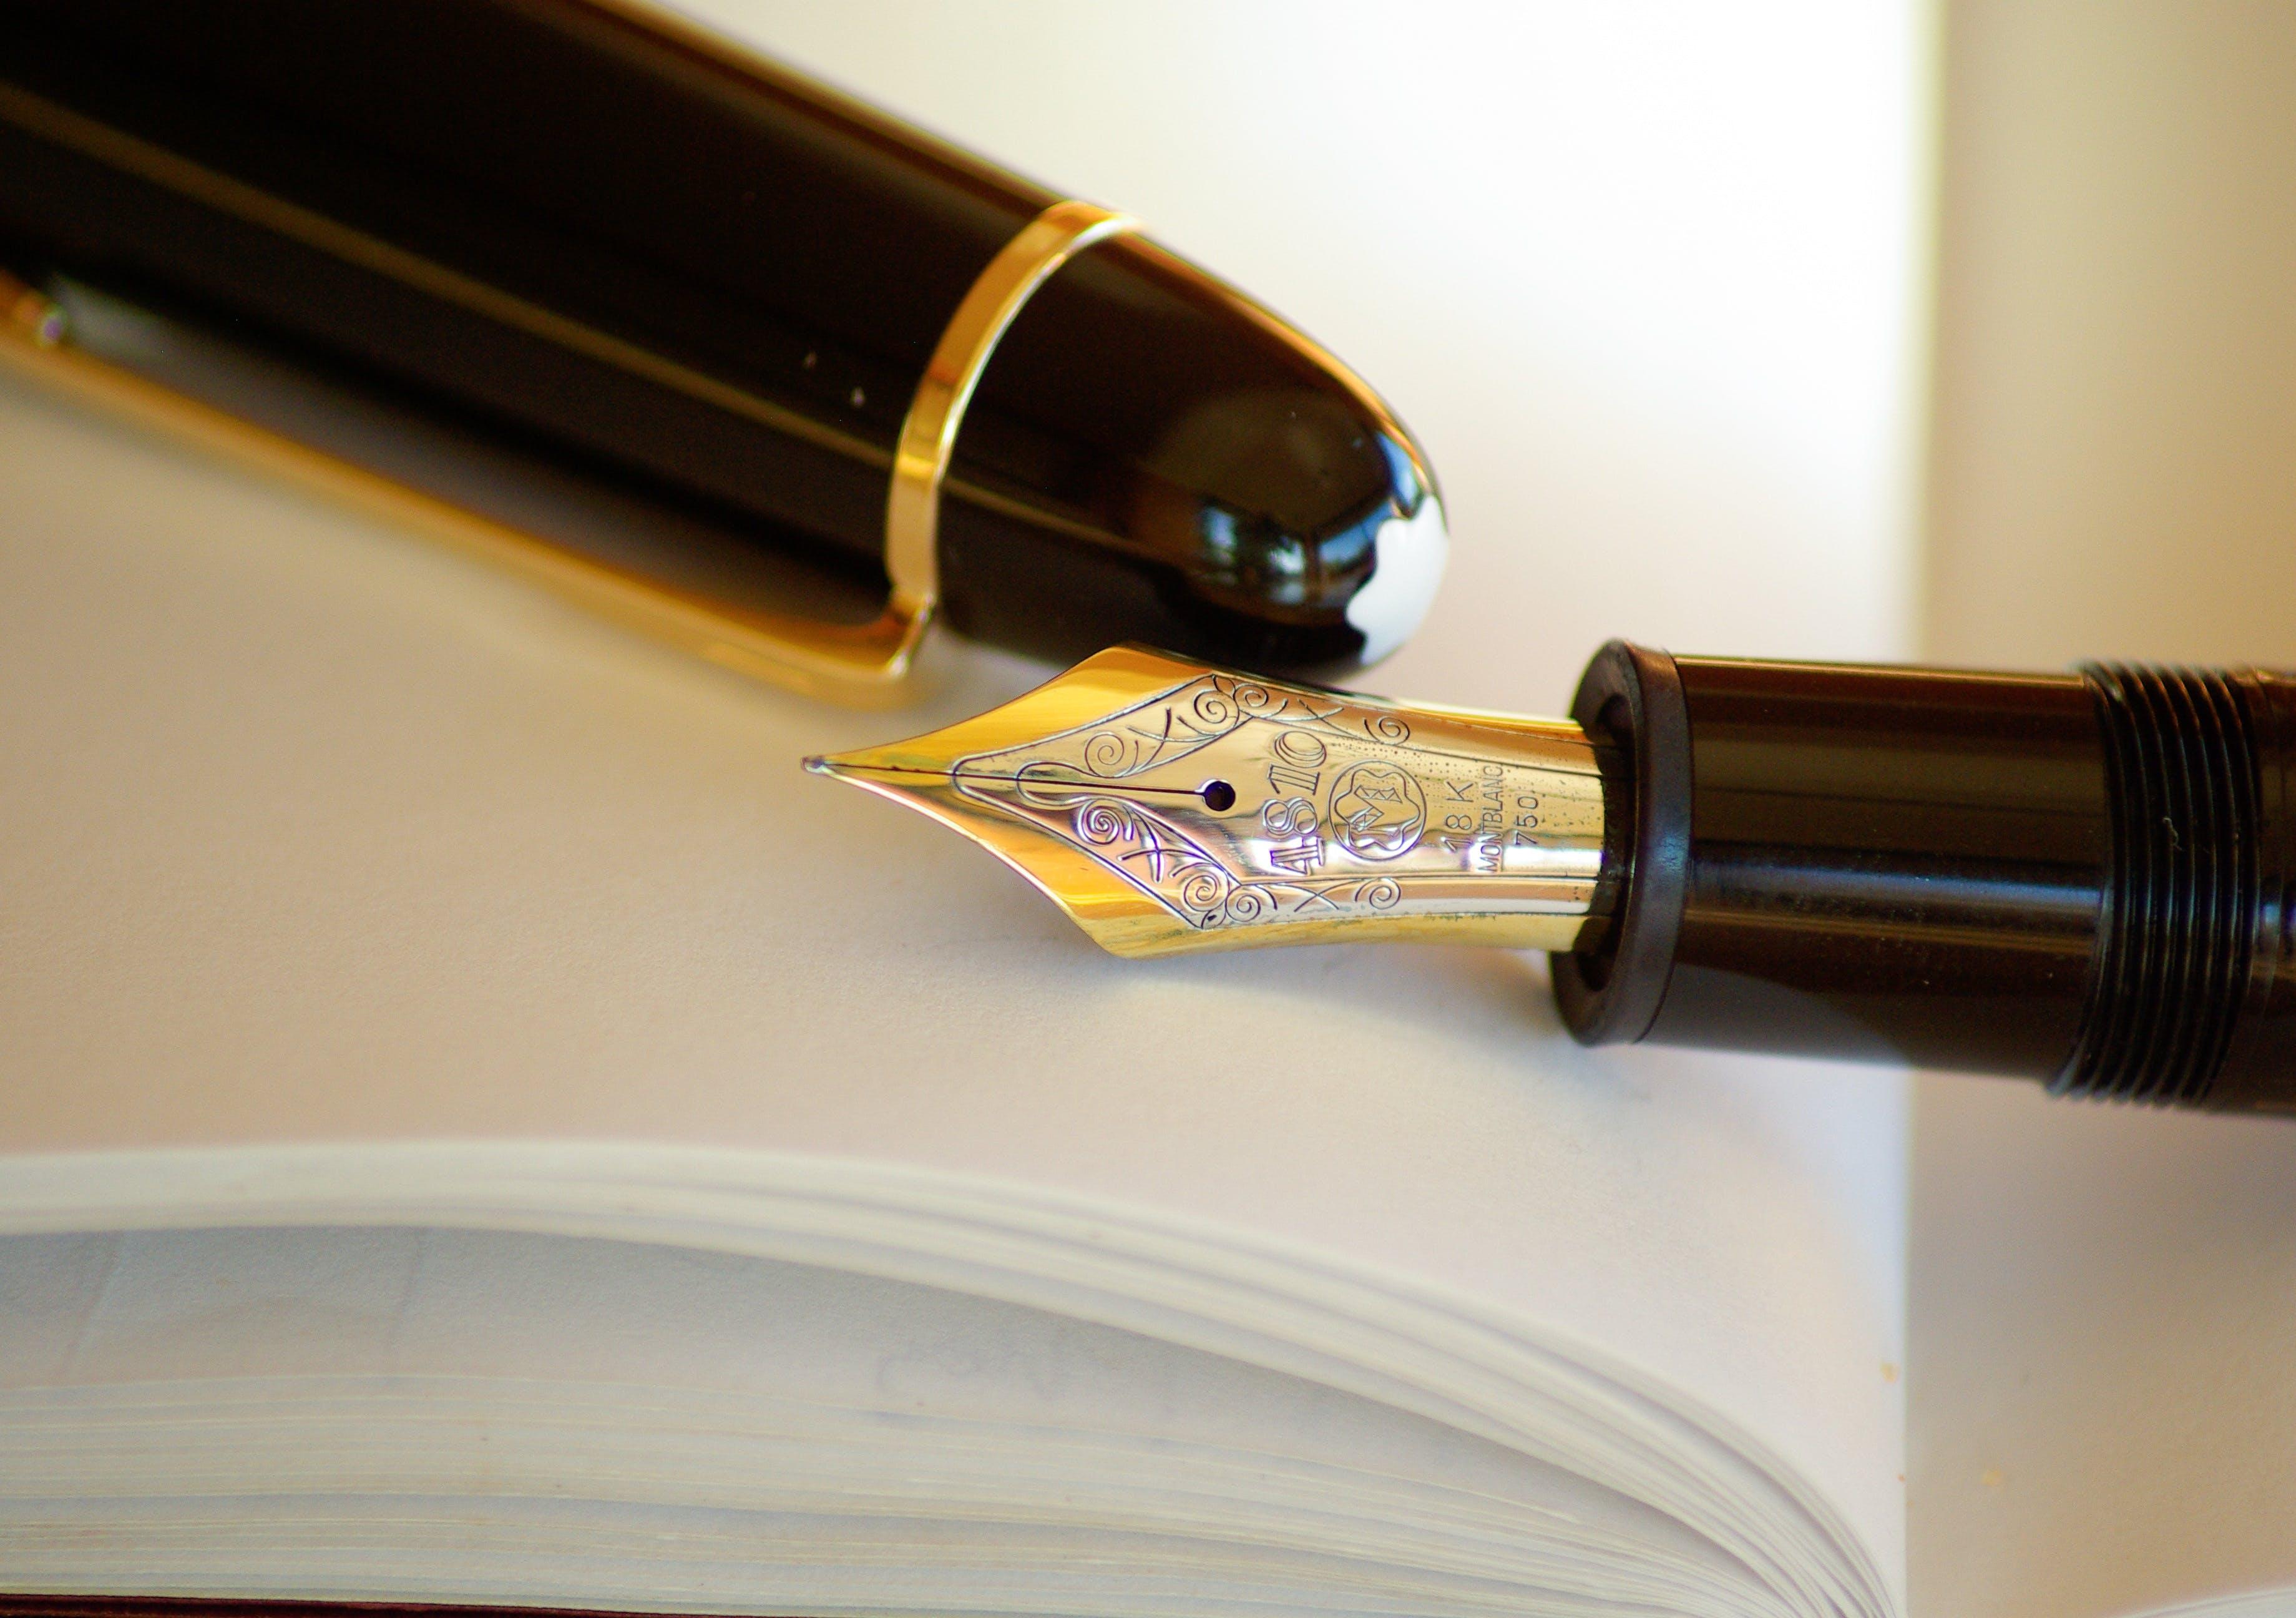 インク, ゴールド, デコレーション, ペンの無料の写真素材